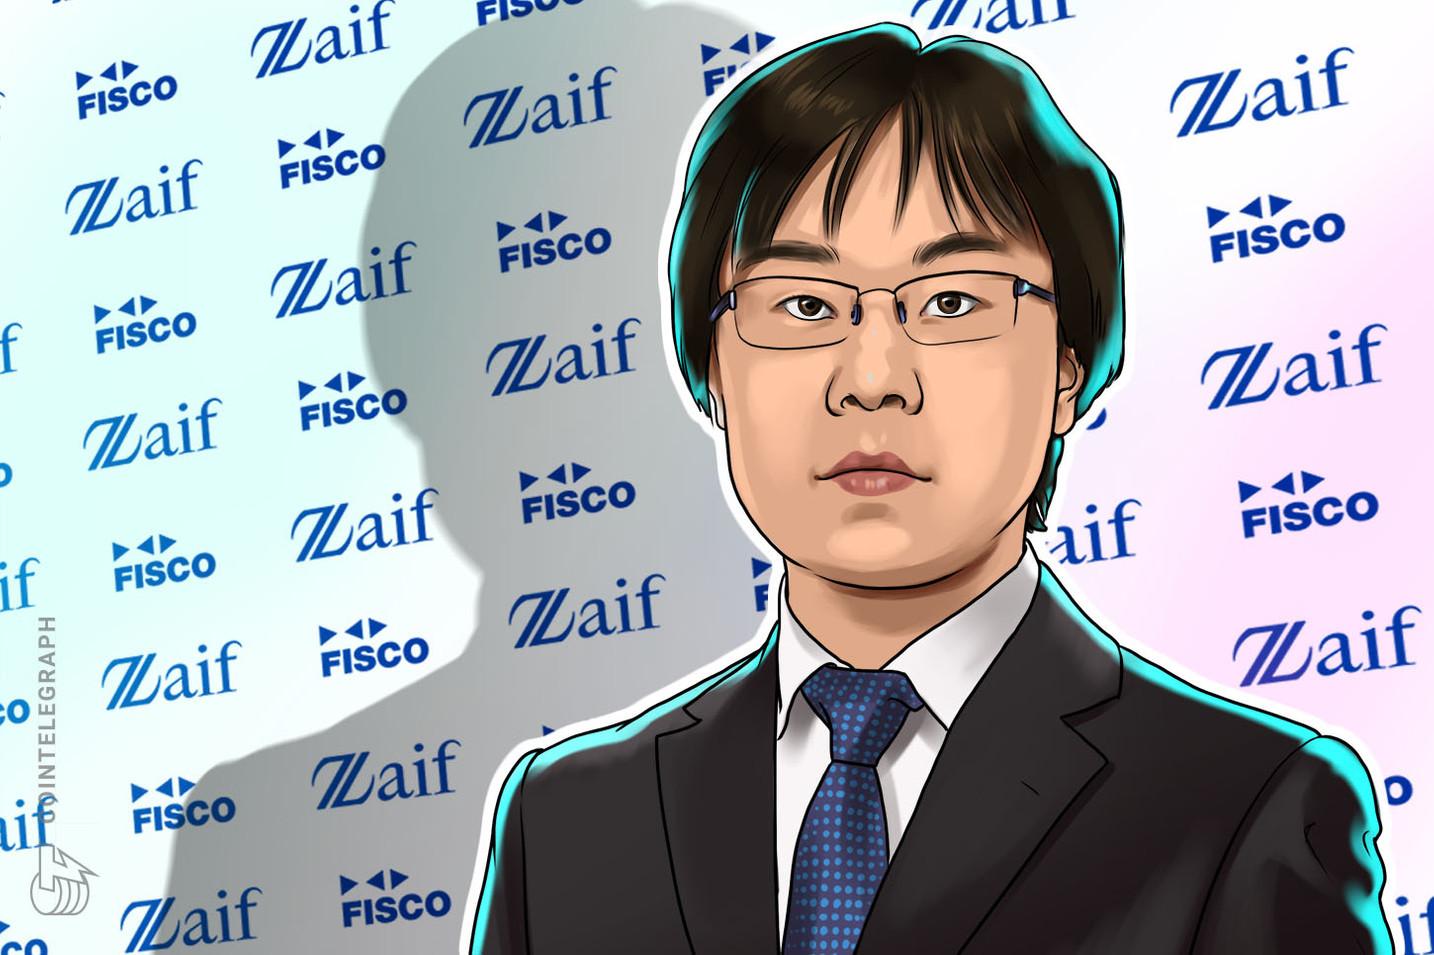 12月25日 ネム(XEM)テクニカル分析【Zaifフィスコ仮想通貨ニュース】